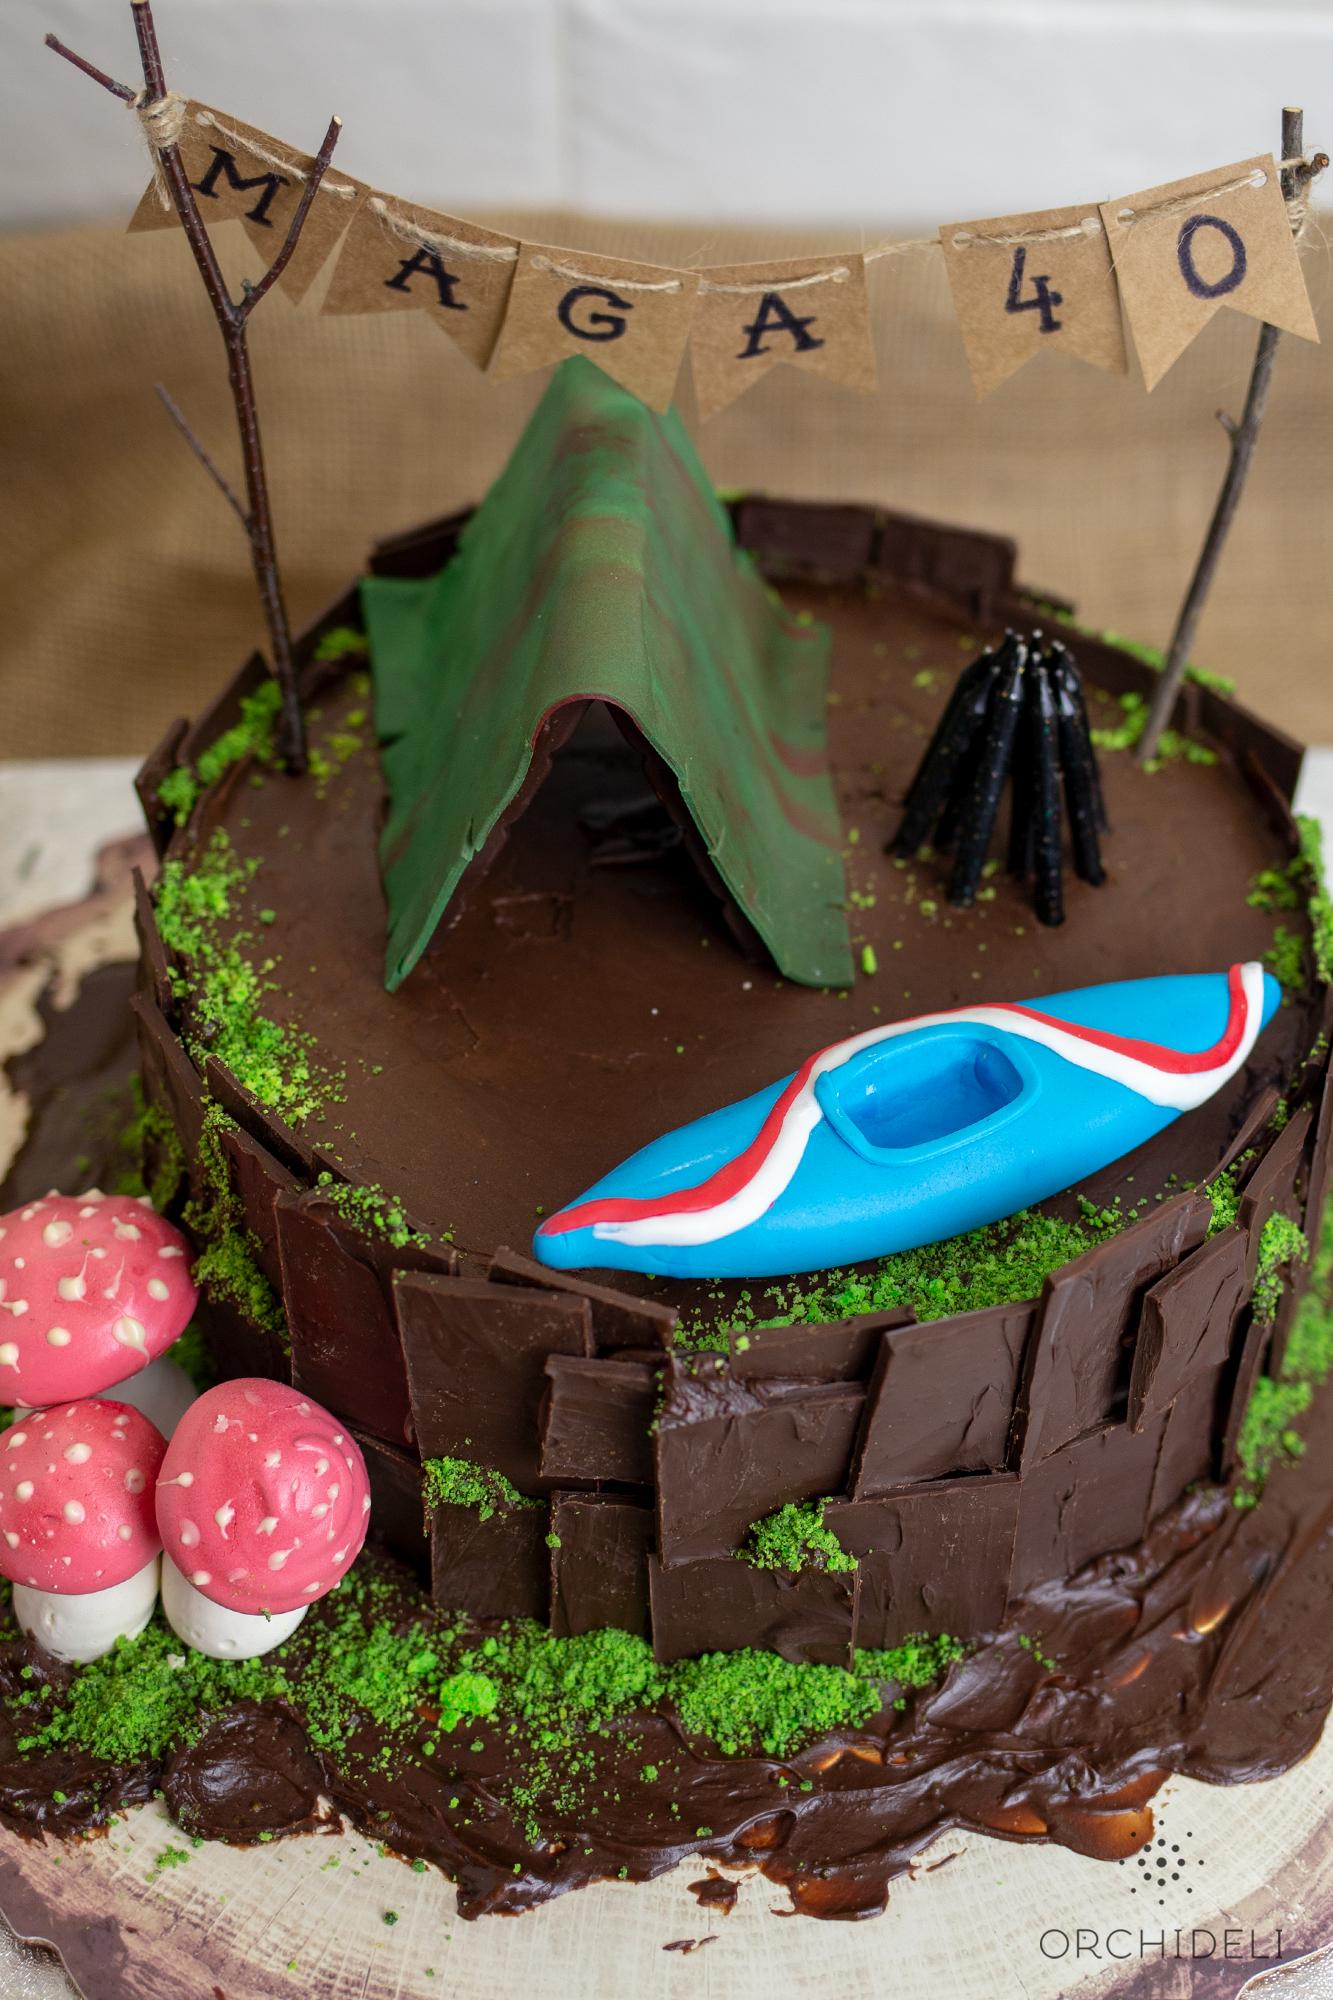 orchideli, tort z namiotem, tort czekoladowy